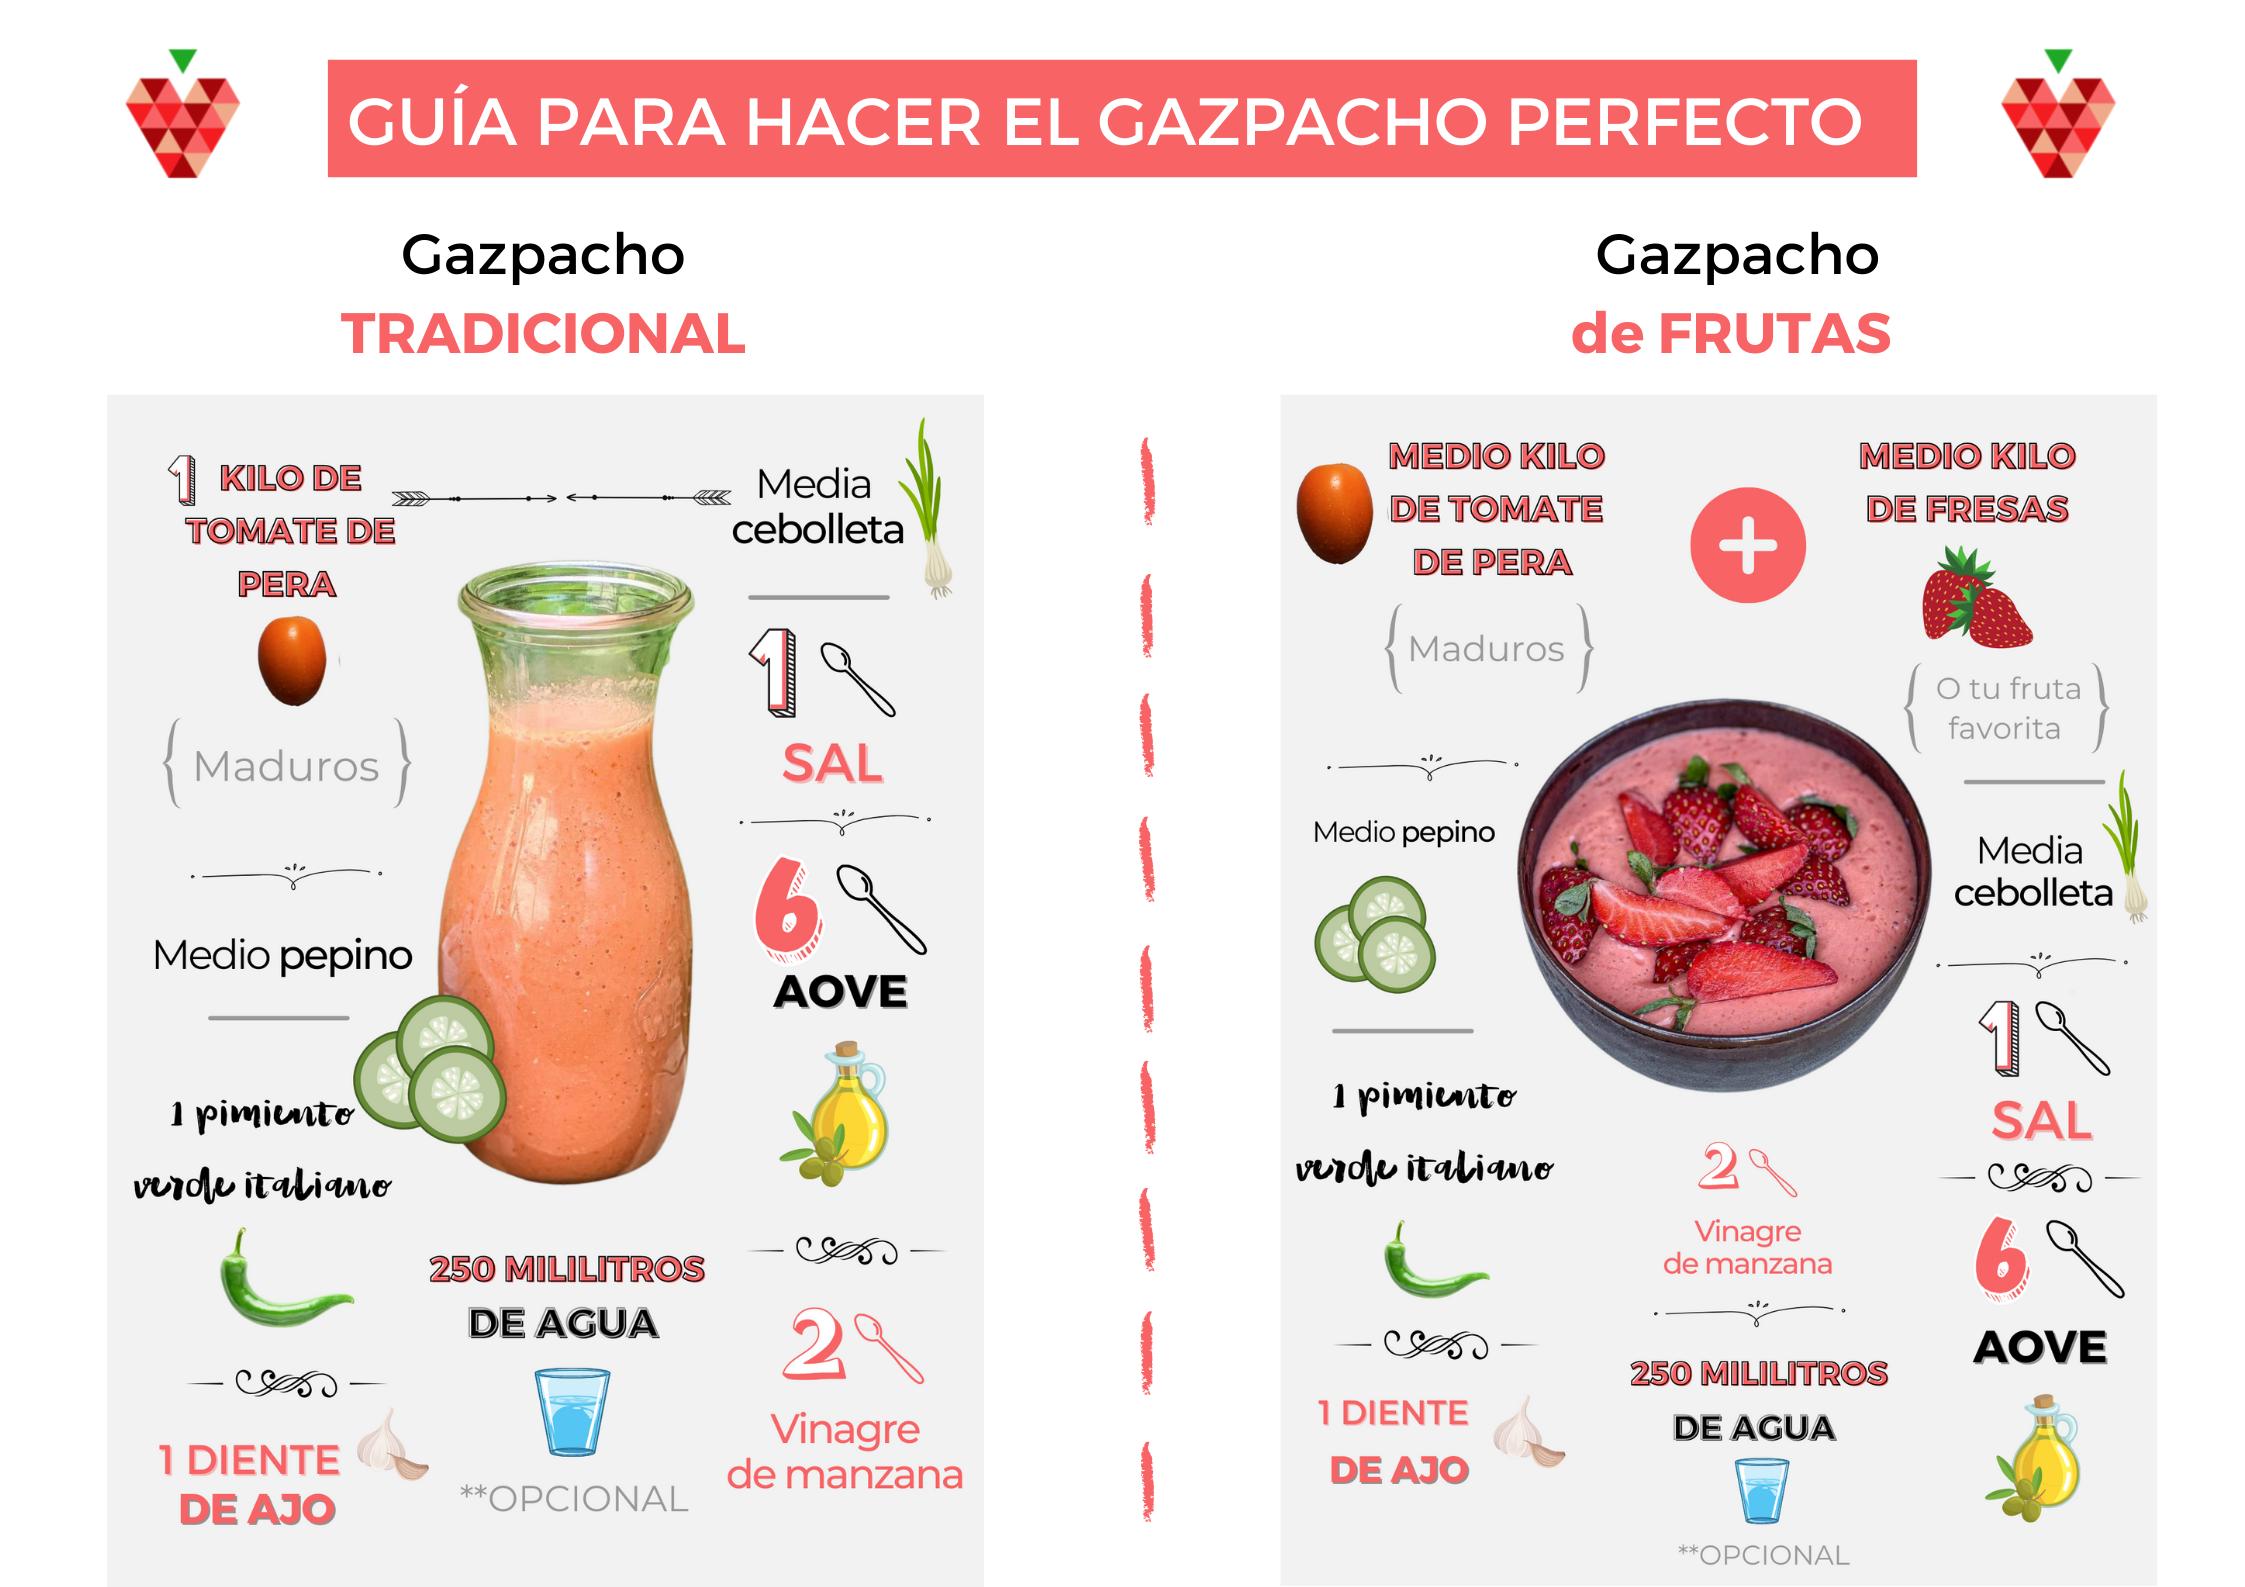 Guía para hacer gazpachos de cualquier sabor